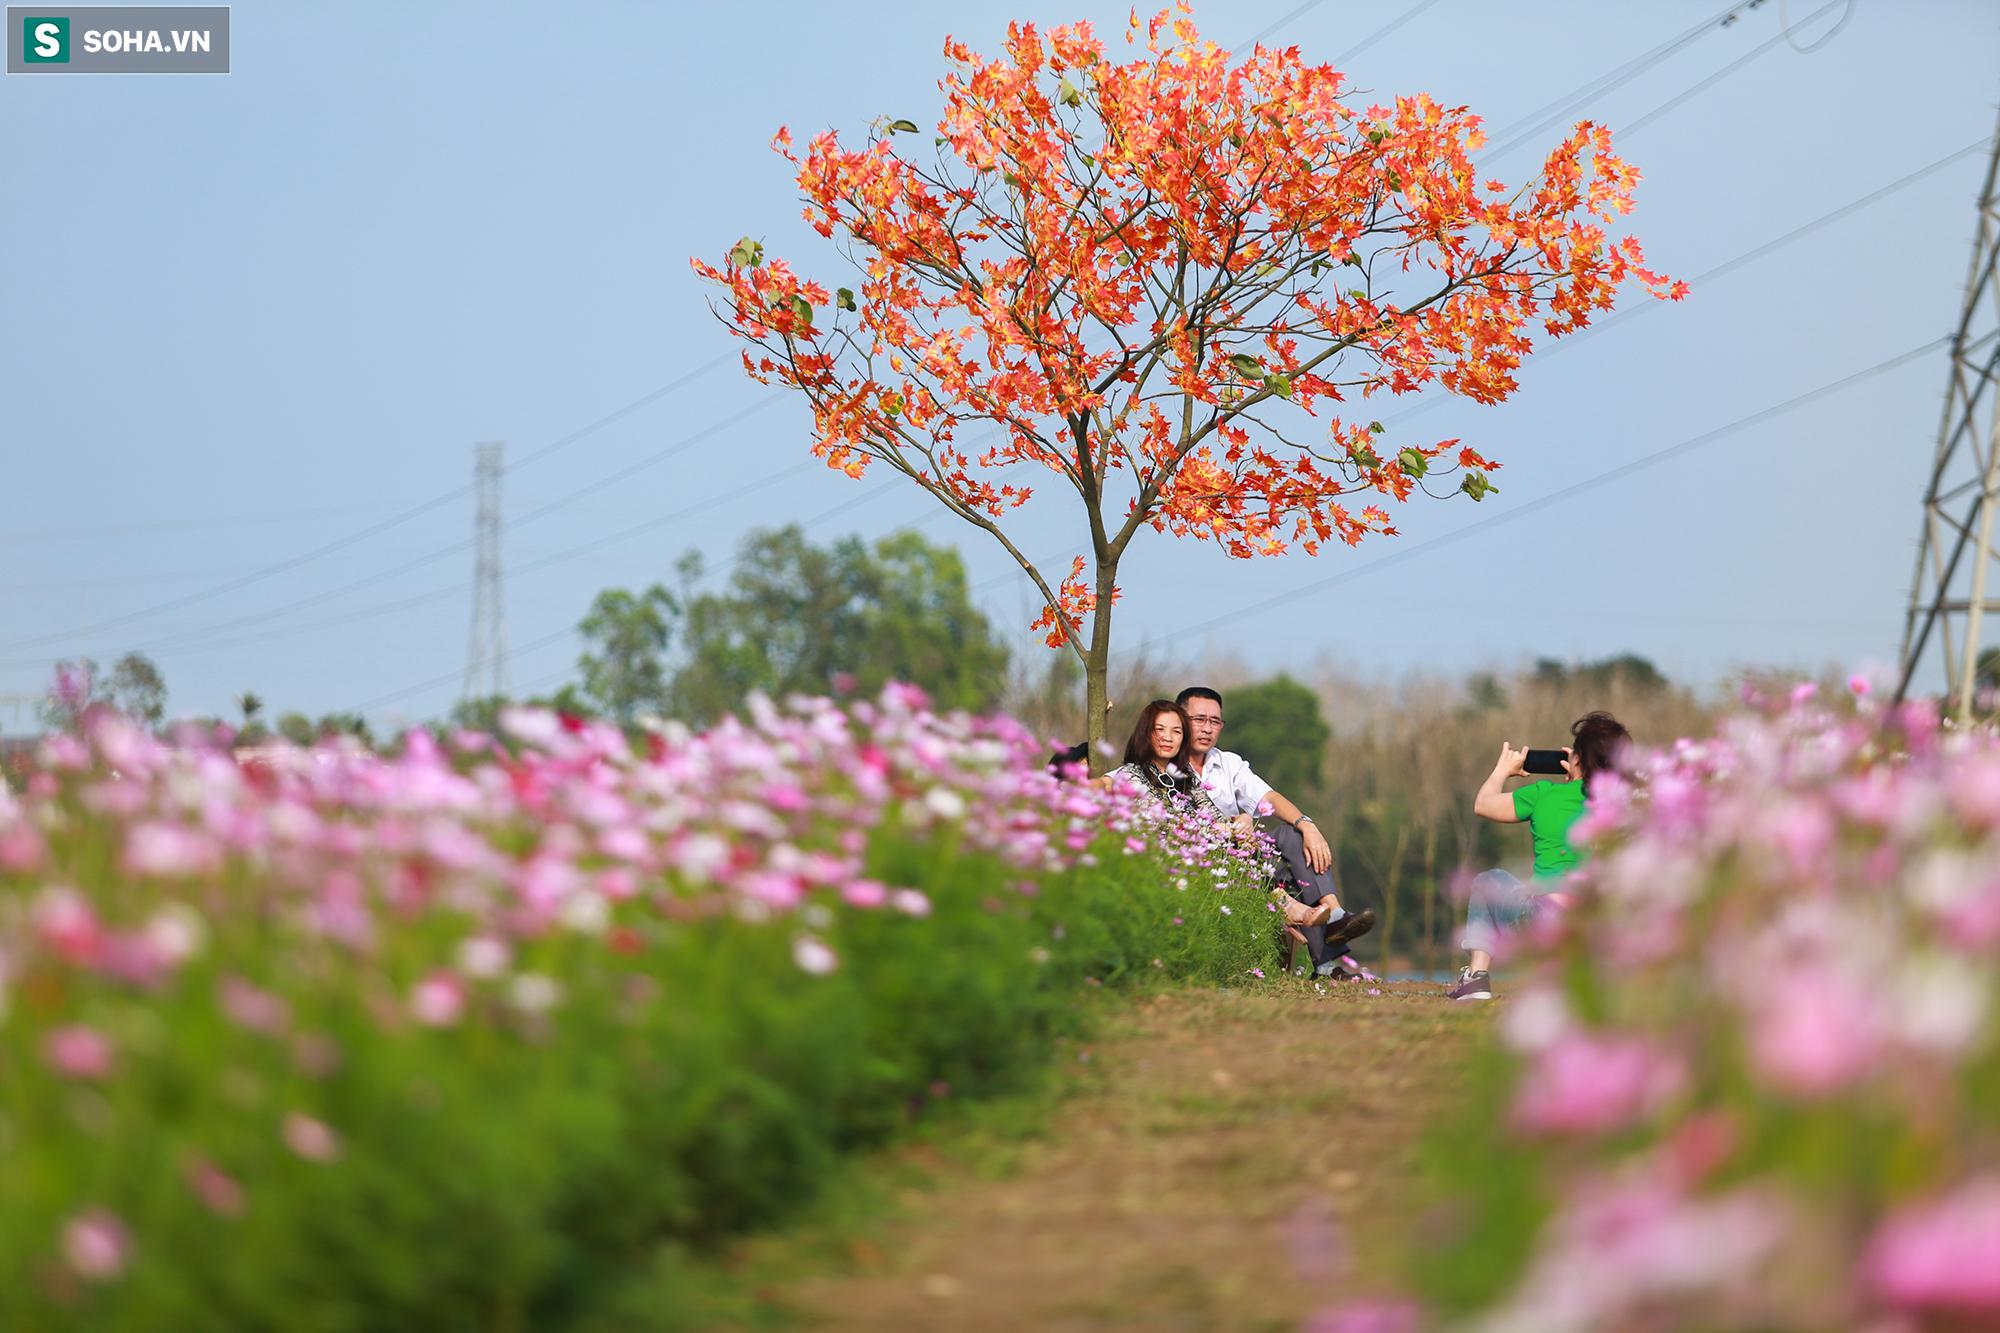 Mê mẩn cánh đồng hoa sao nhái đầy màu sắc được giới trẻ săn tìm để check-in ở Quảng Bình - Ảnh 11.